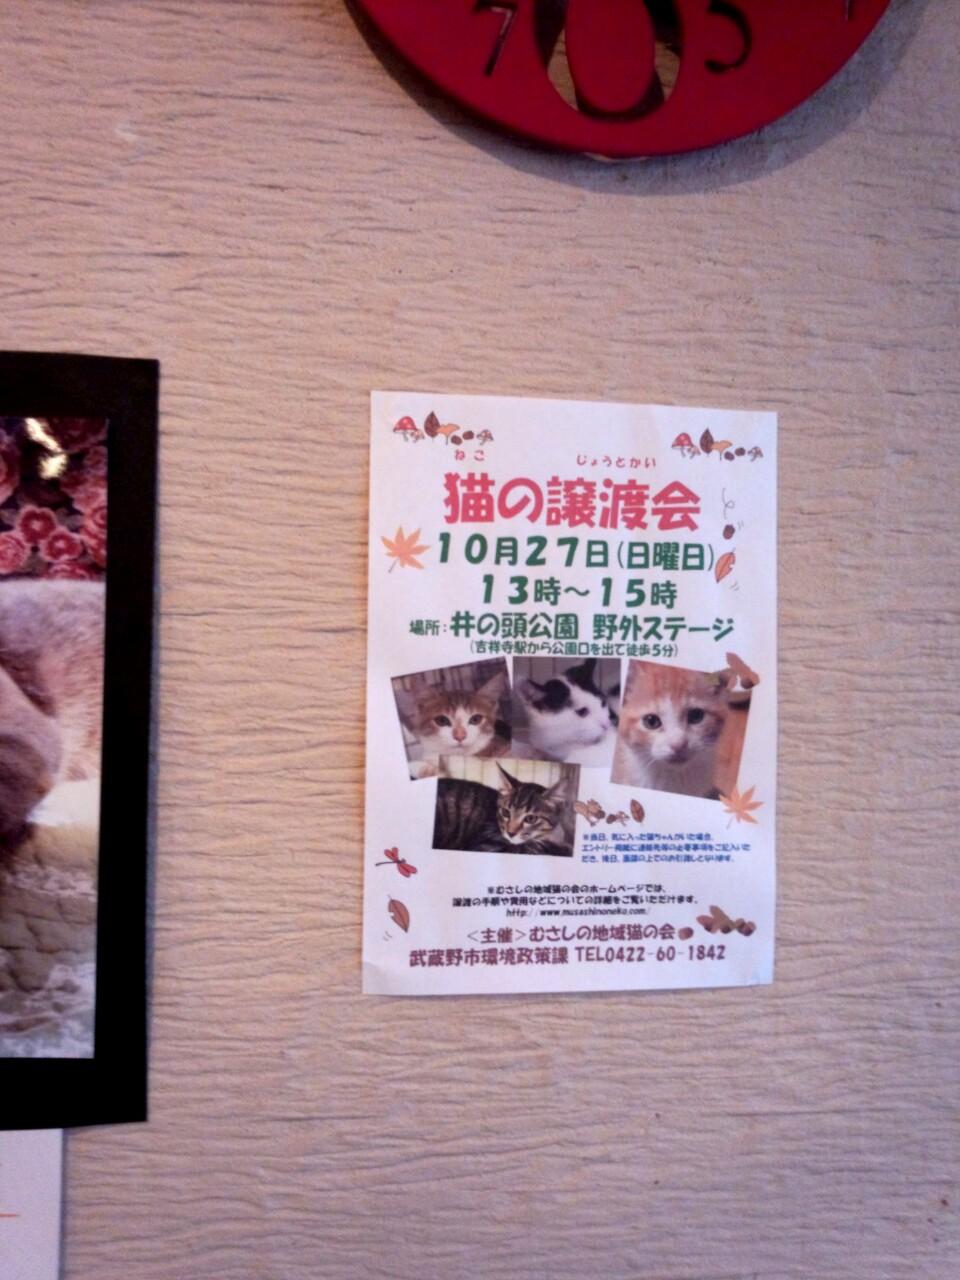 吉祥寺猫まつり